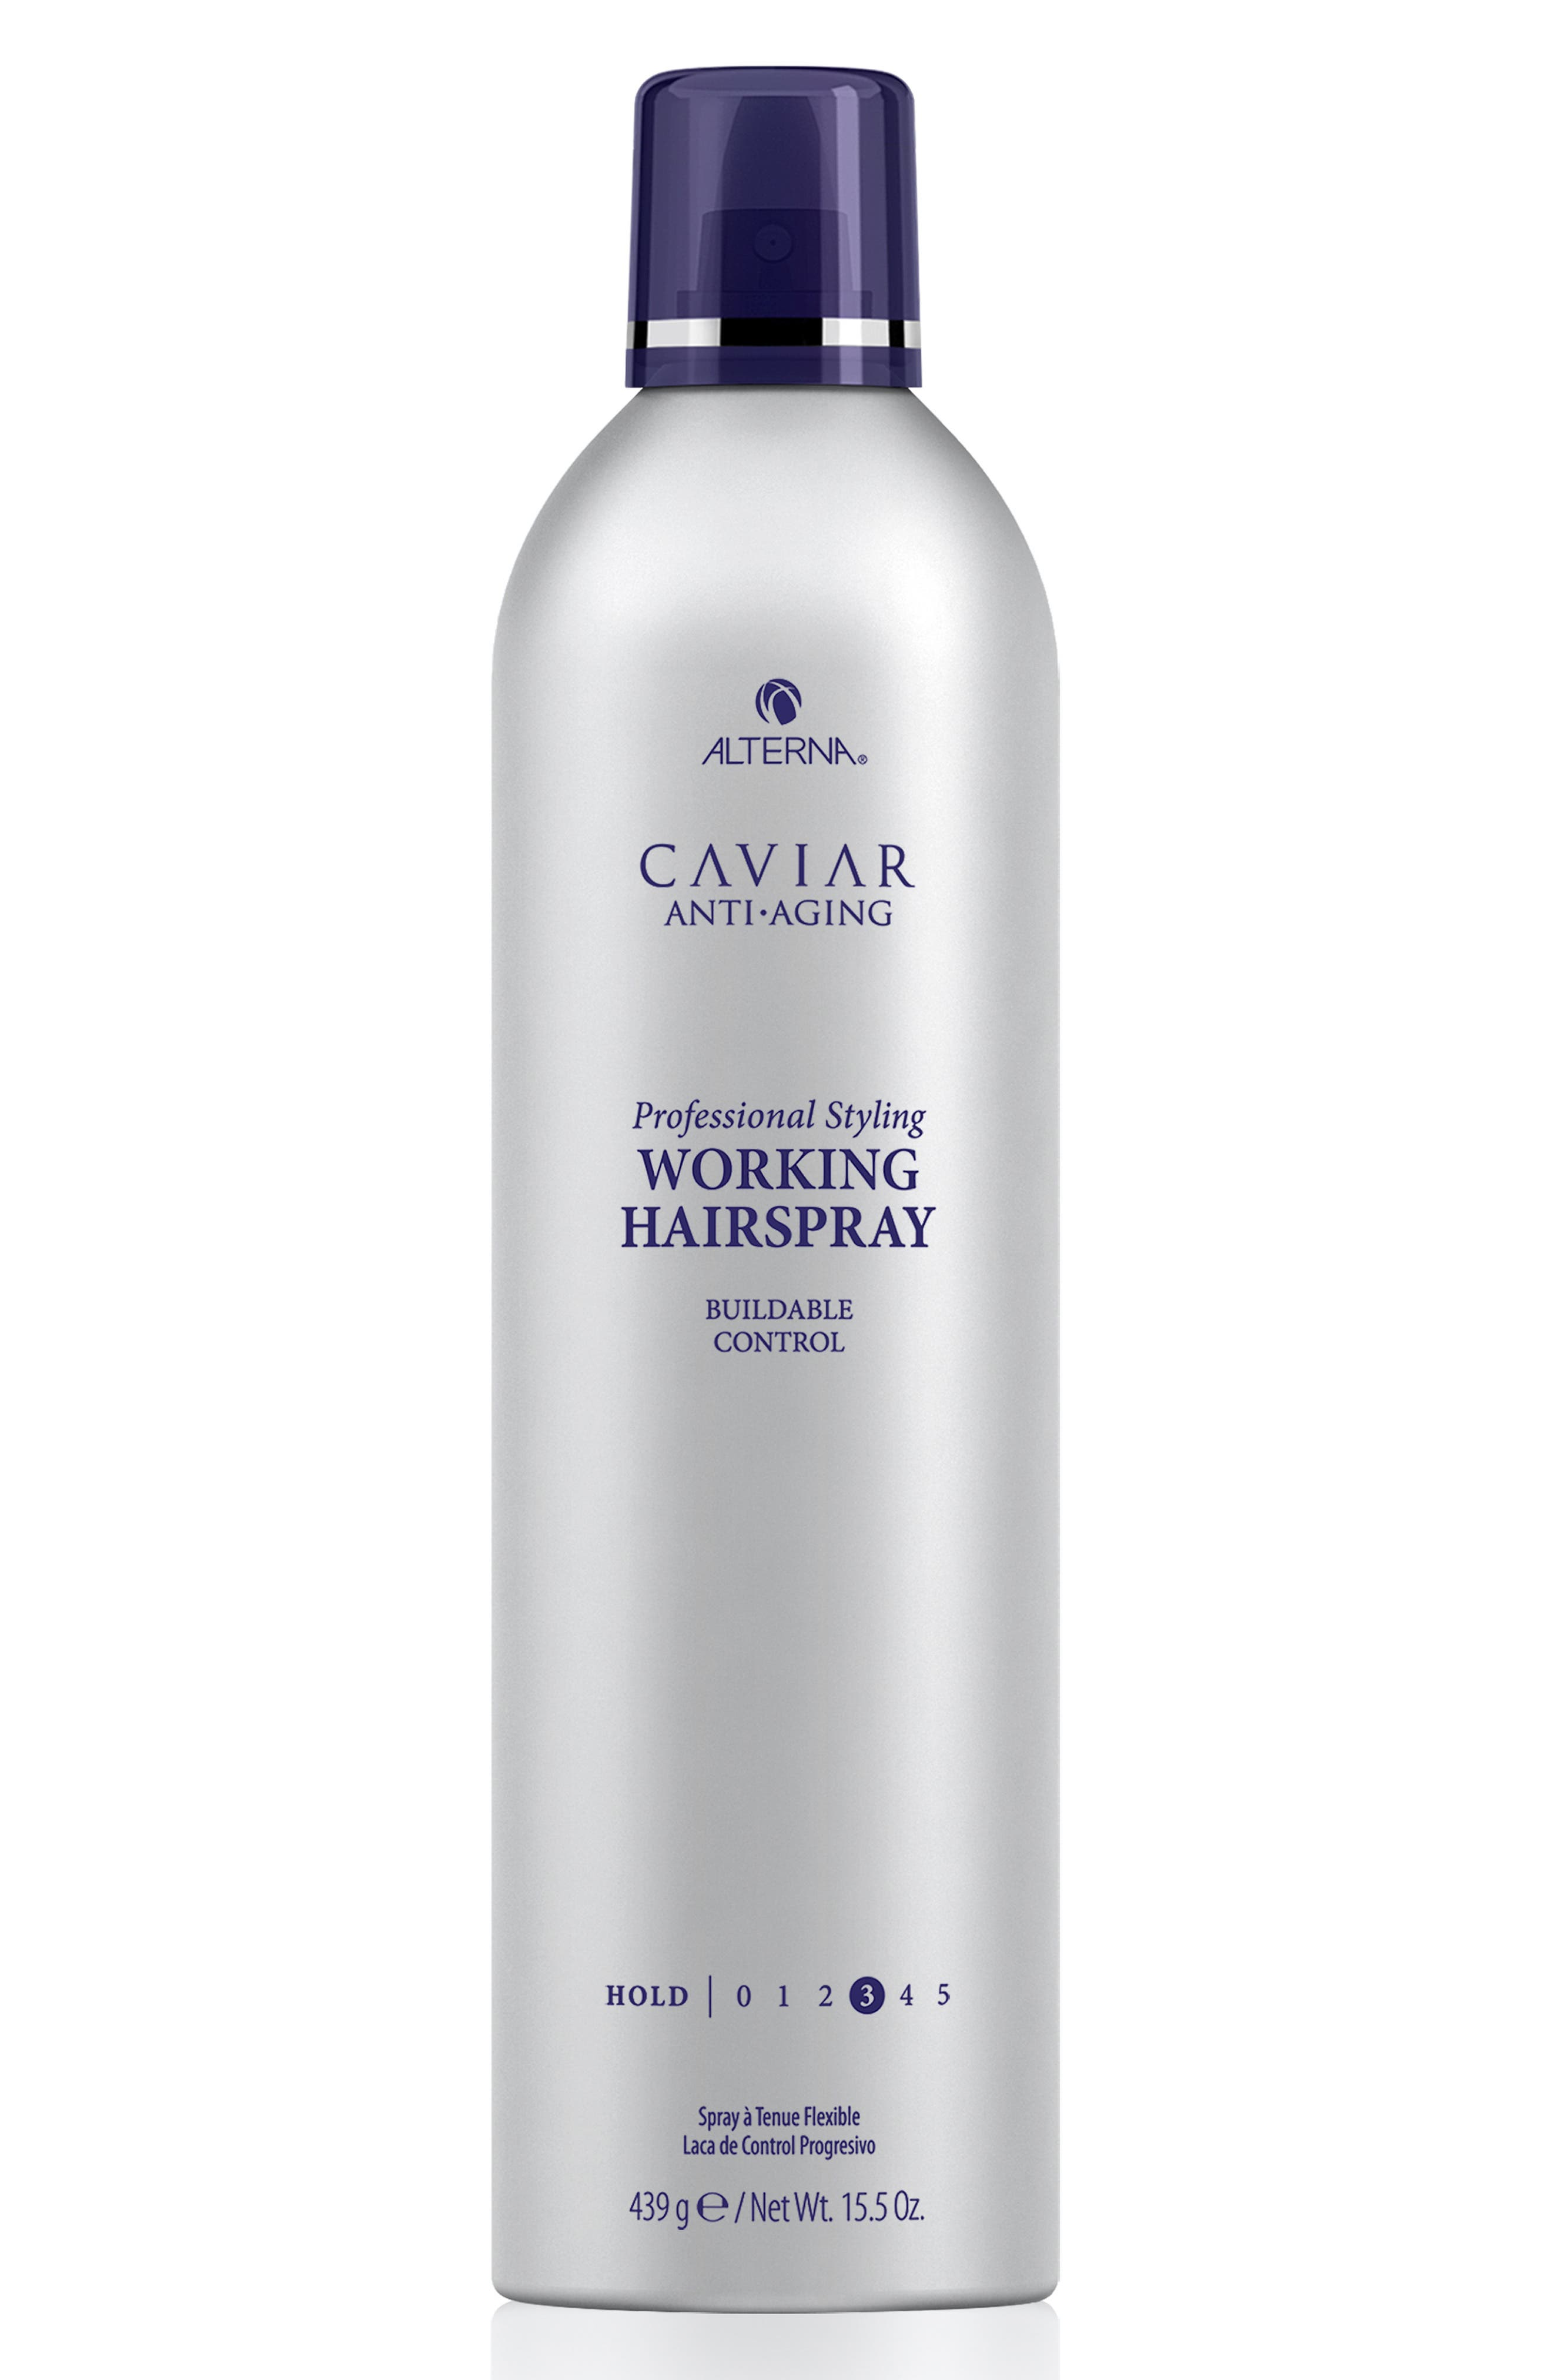 Alterna Caviar Anti-Aging Working Hair Spray